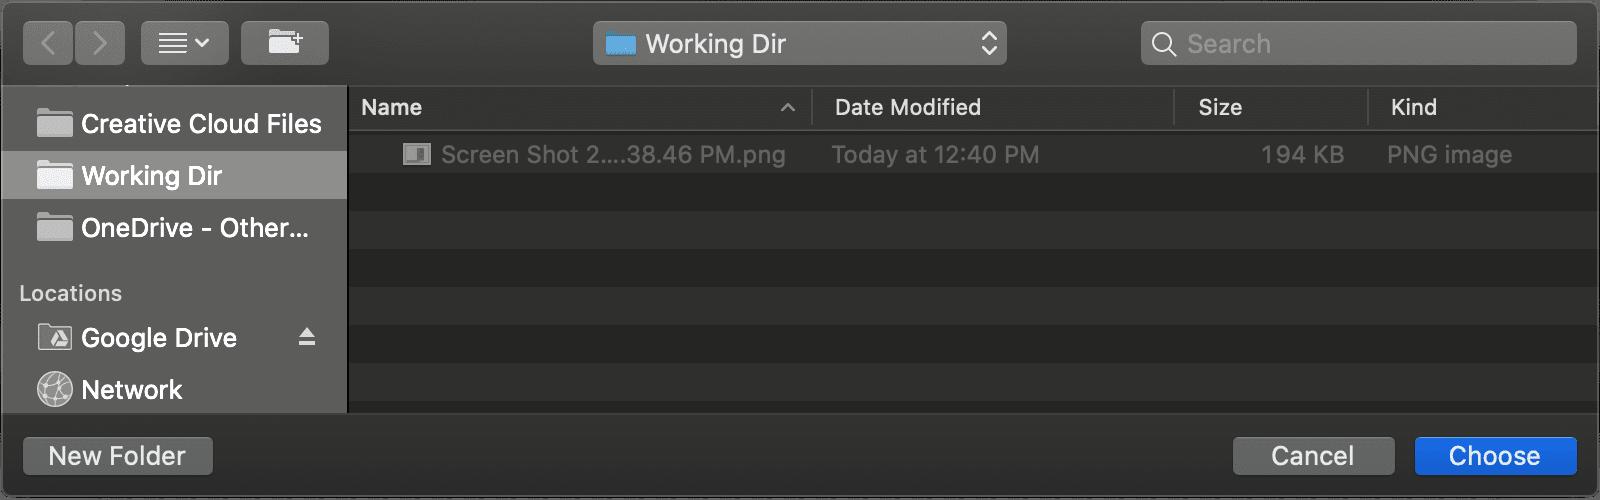 Folder chooser in macOS